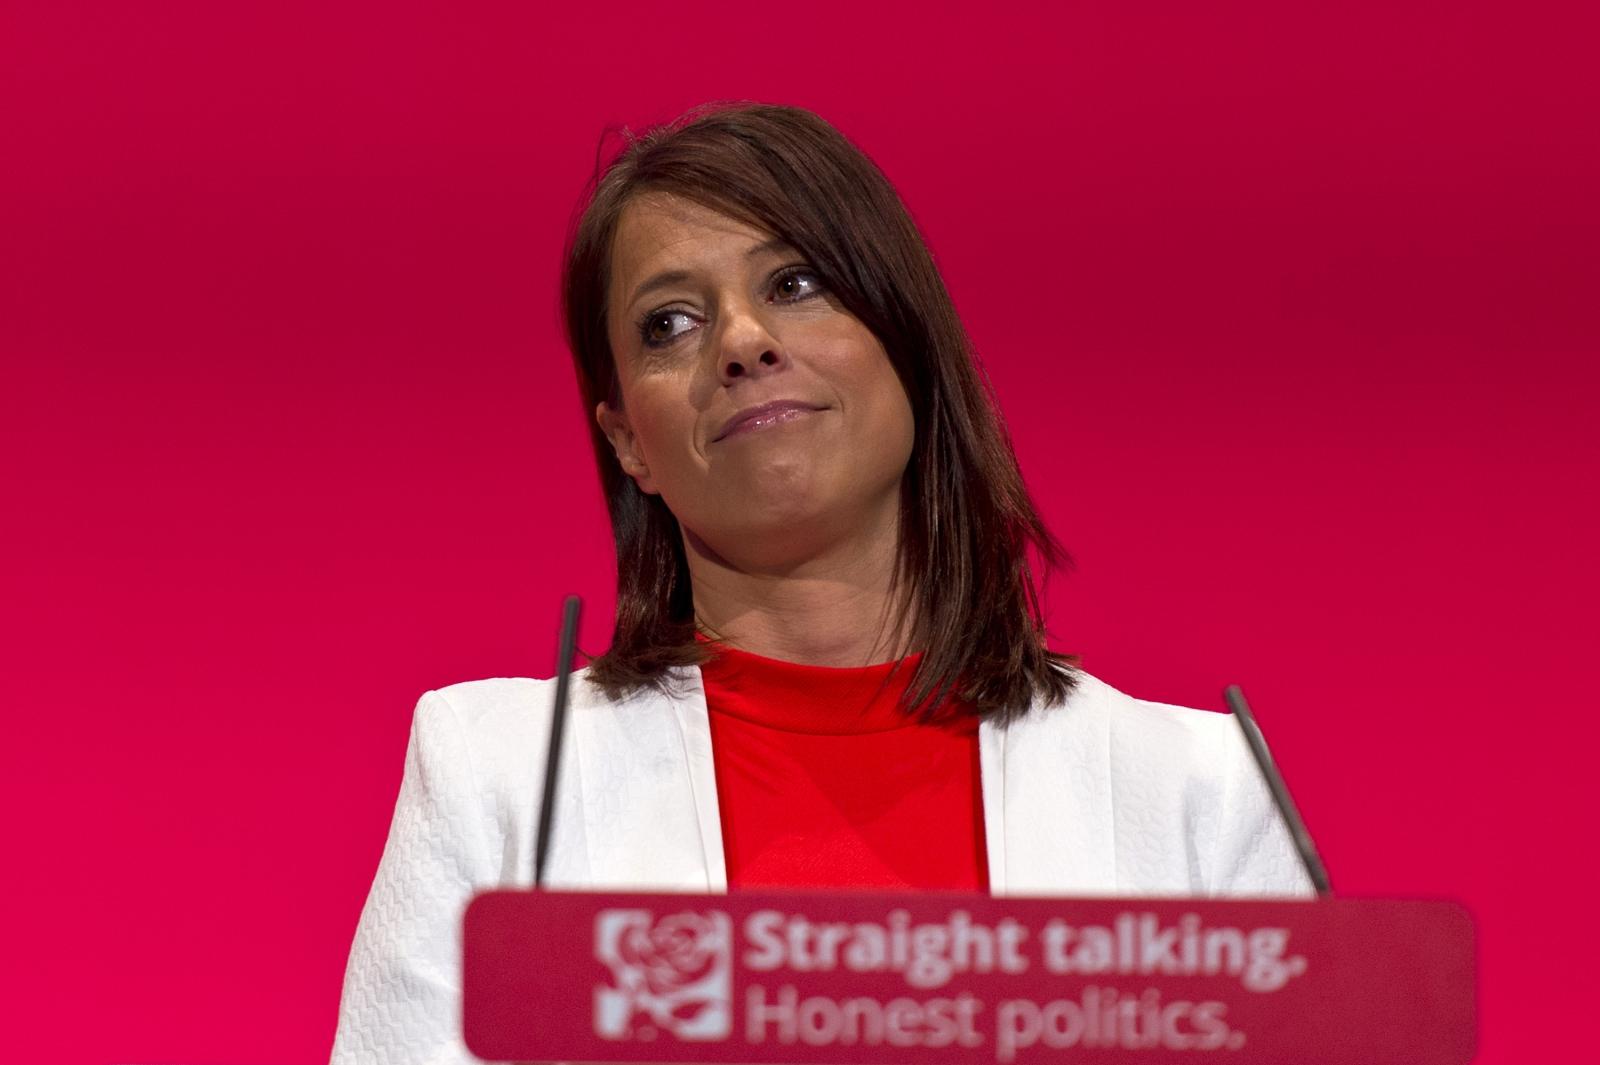 Gloria de Piero Labour MP